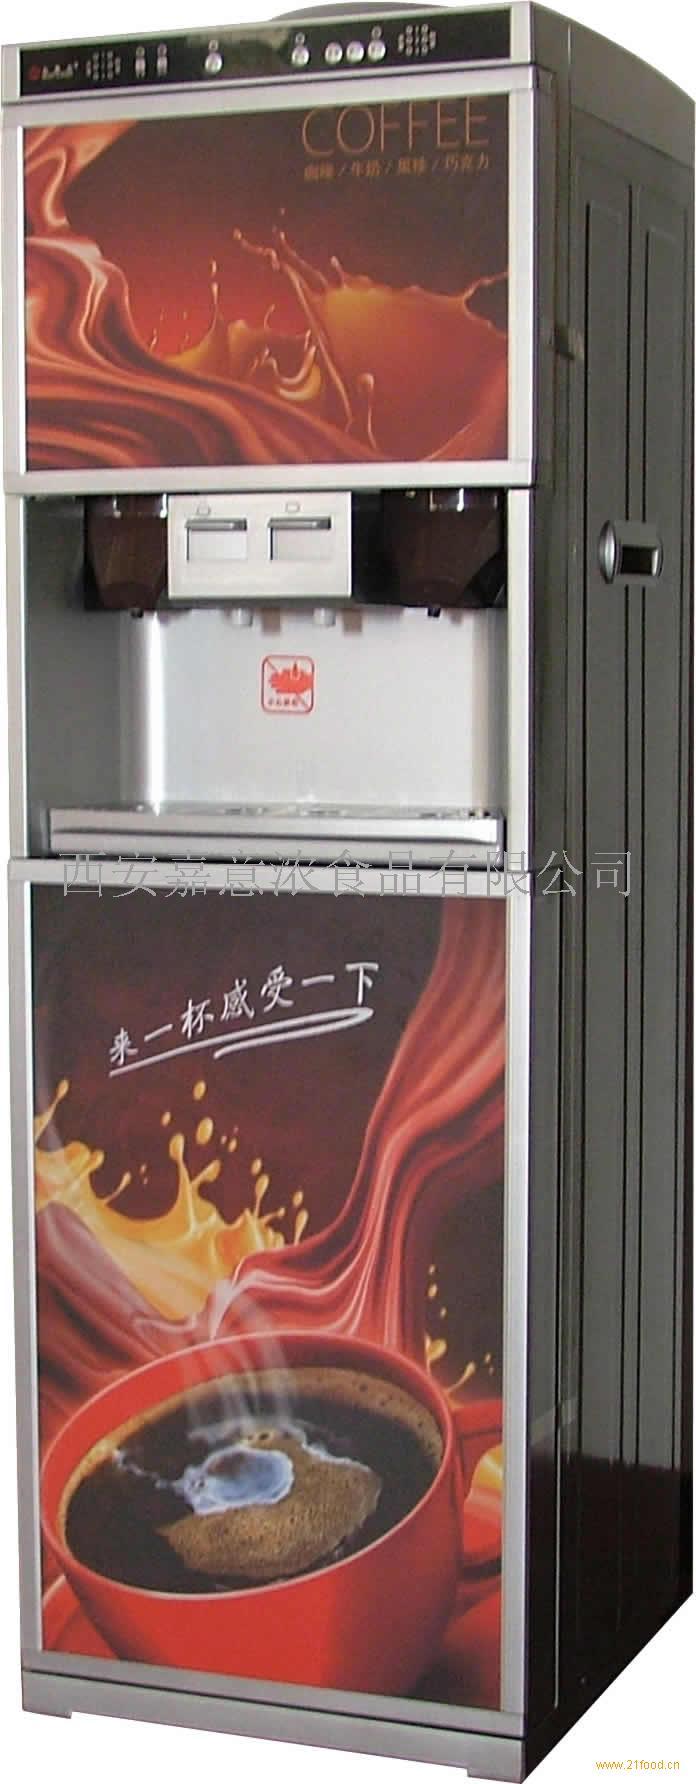 咖啡机-中国 陕西西安-心连心-食品商务网